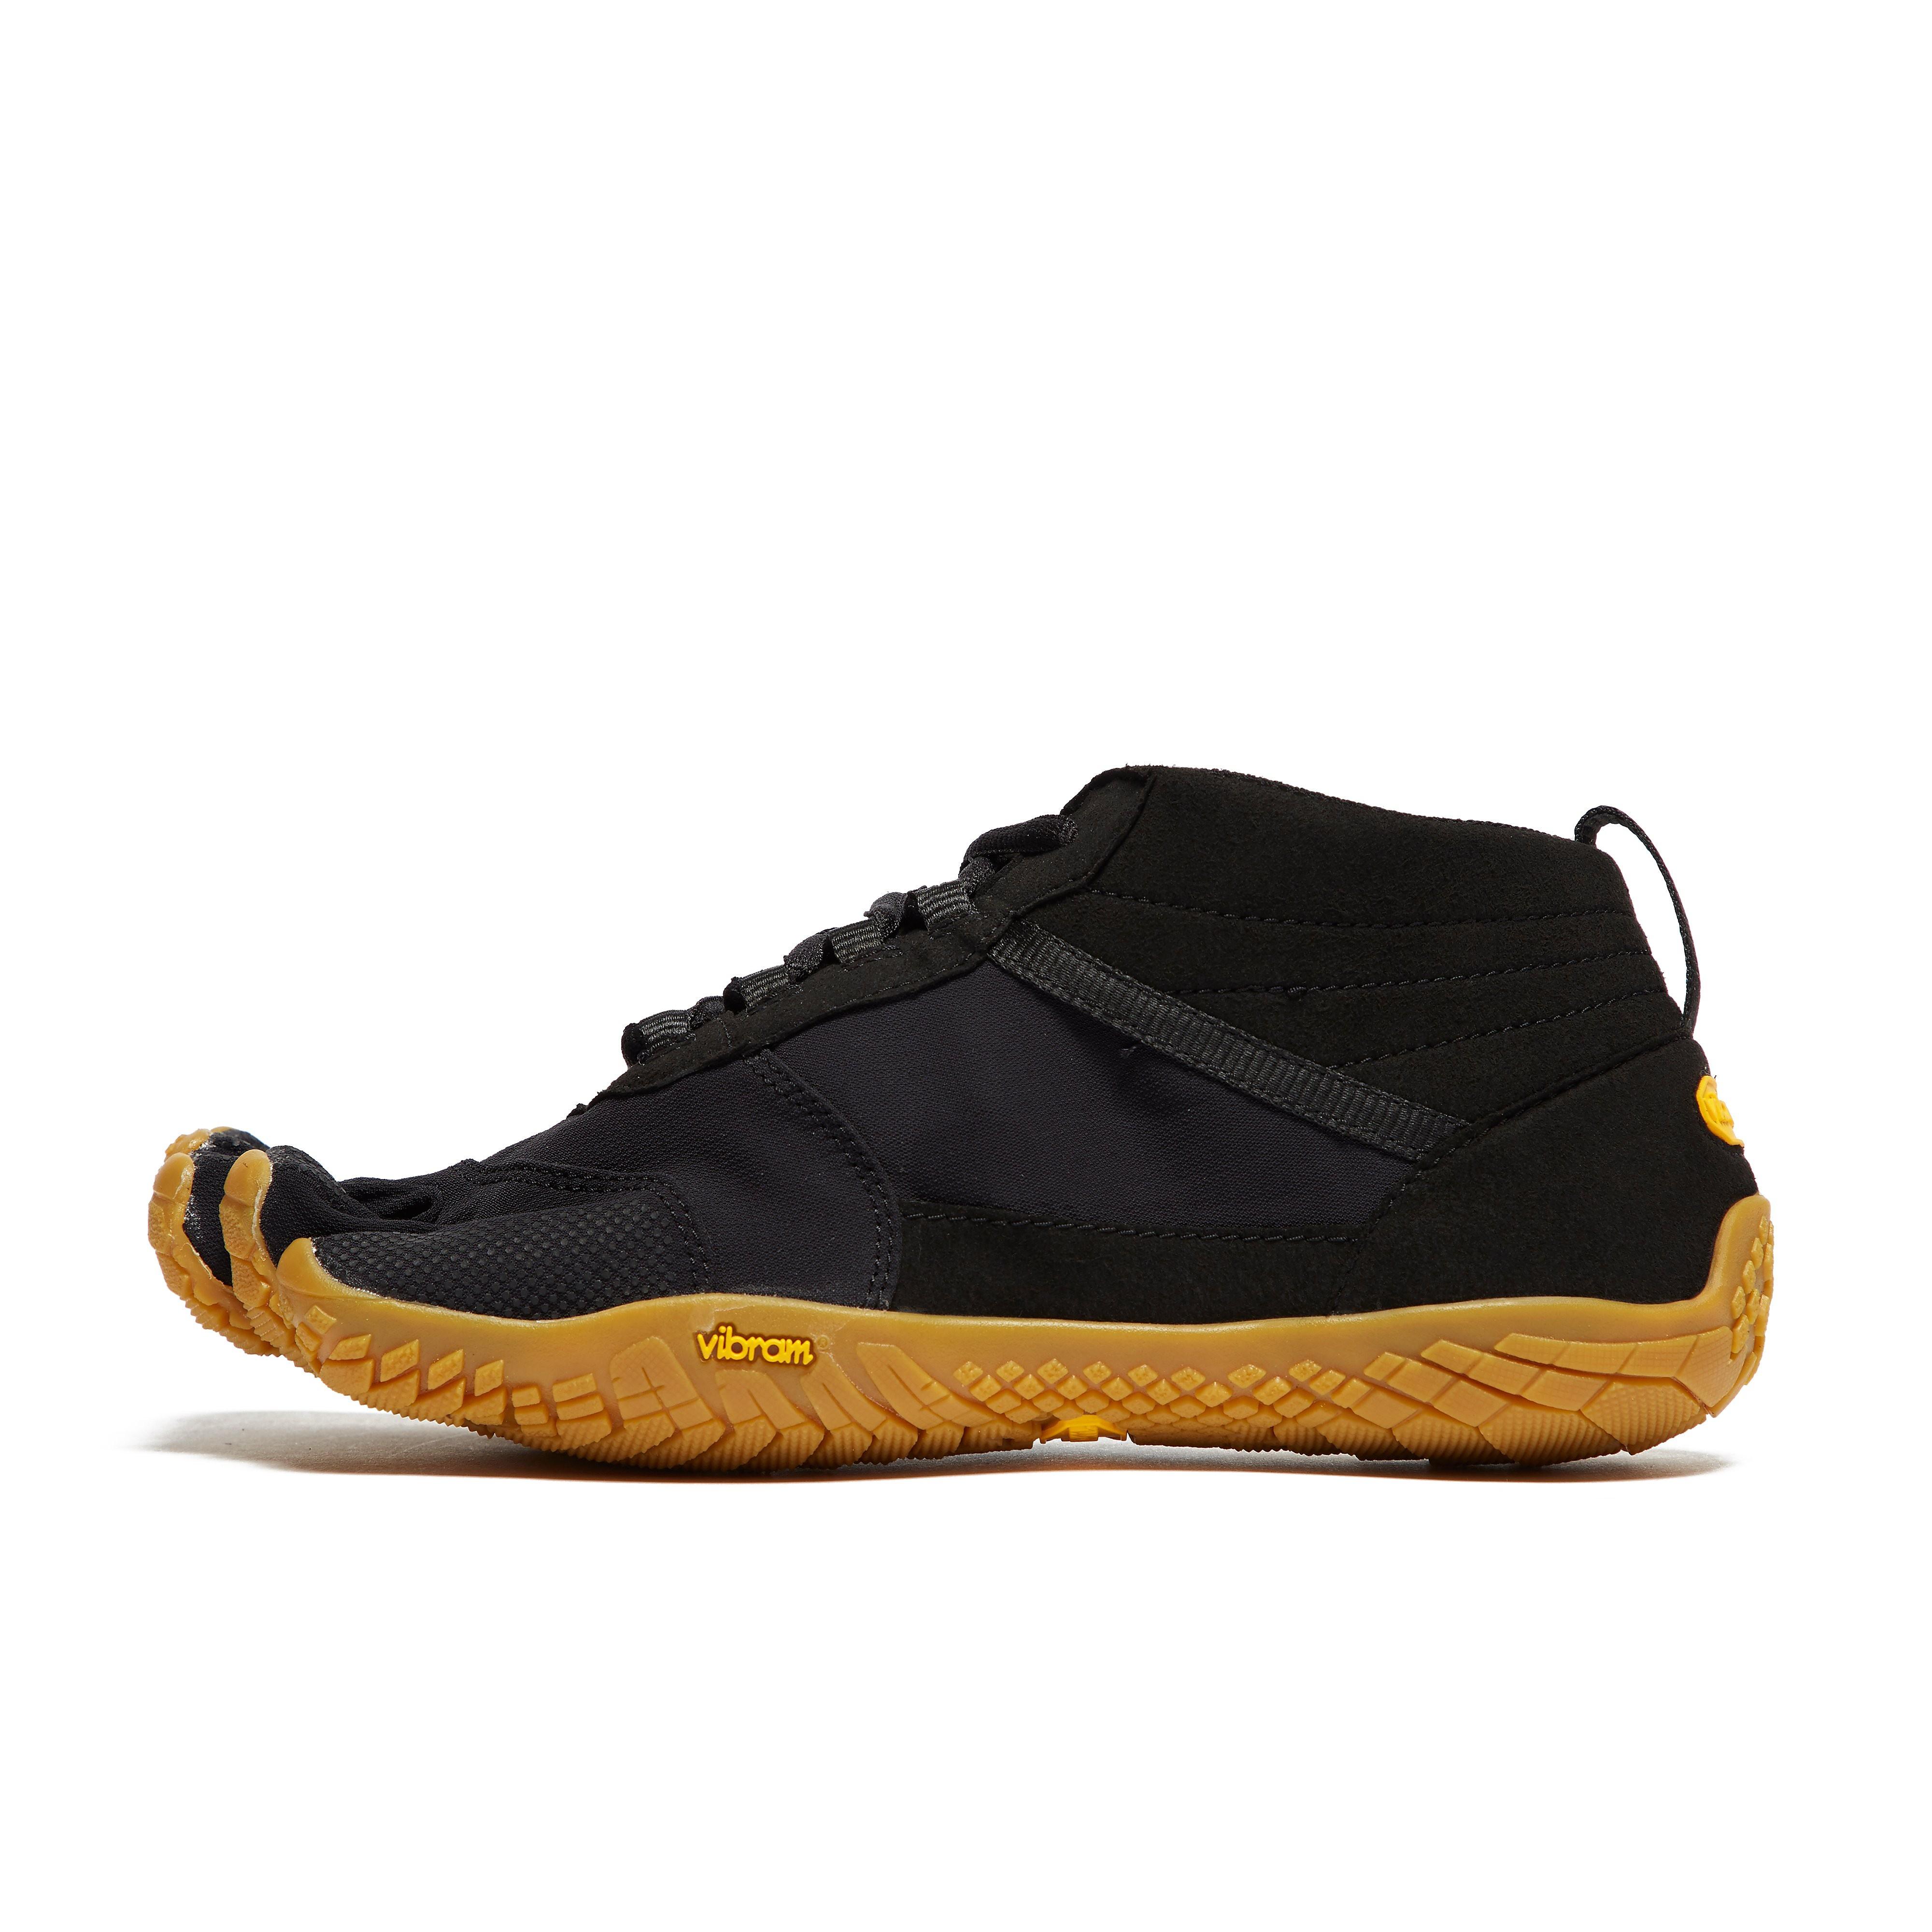 Vibram Five Fingers V-Trek Men's Walking Shoes